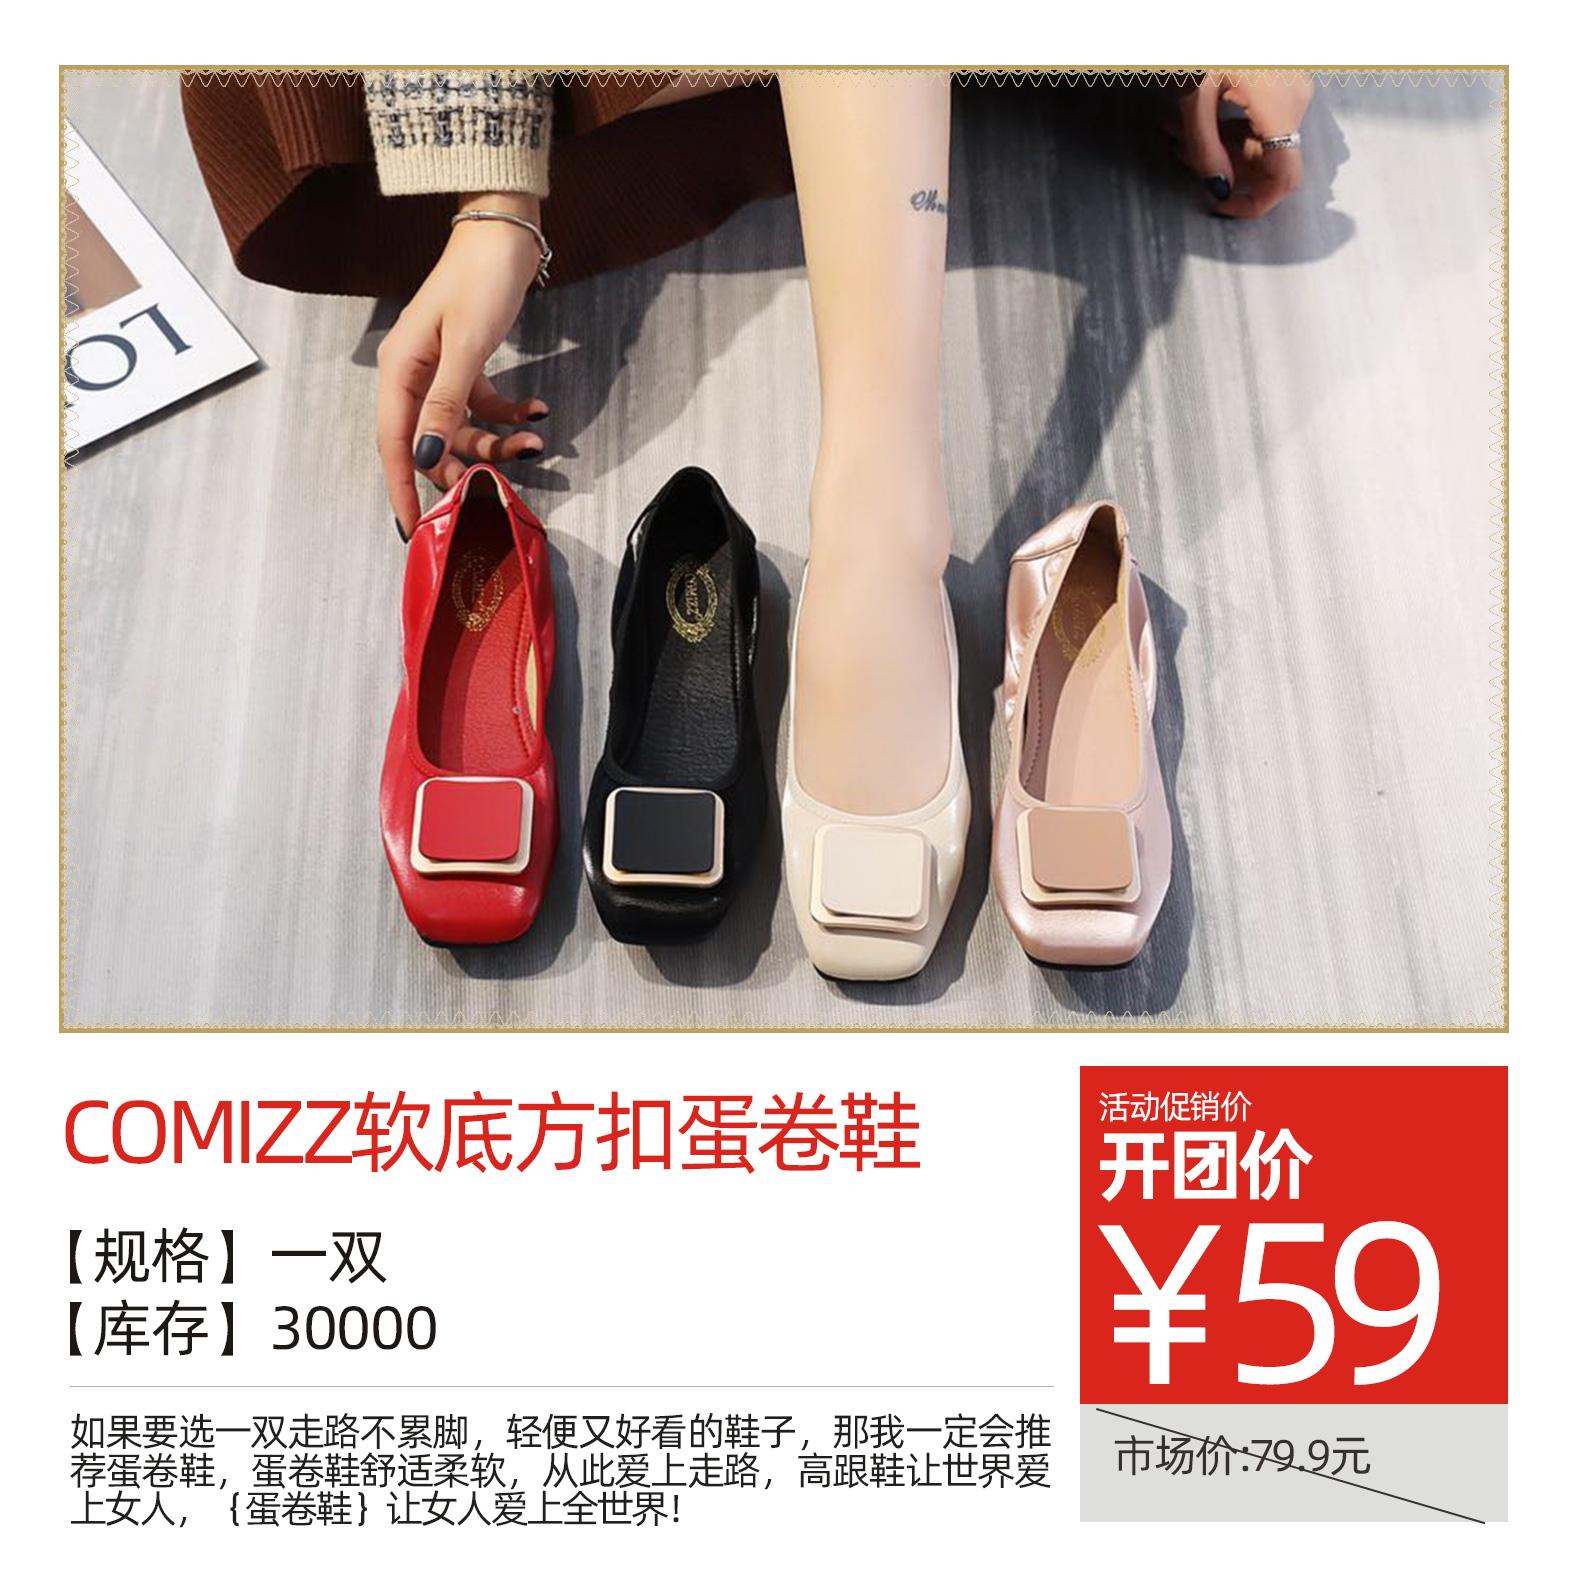 COMIZZ软底方扣蛋卷鞋